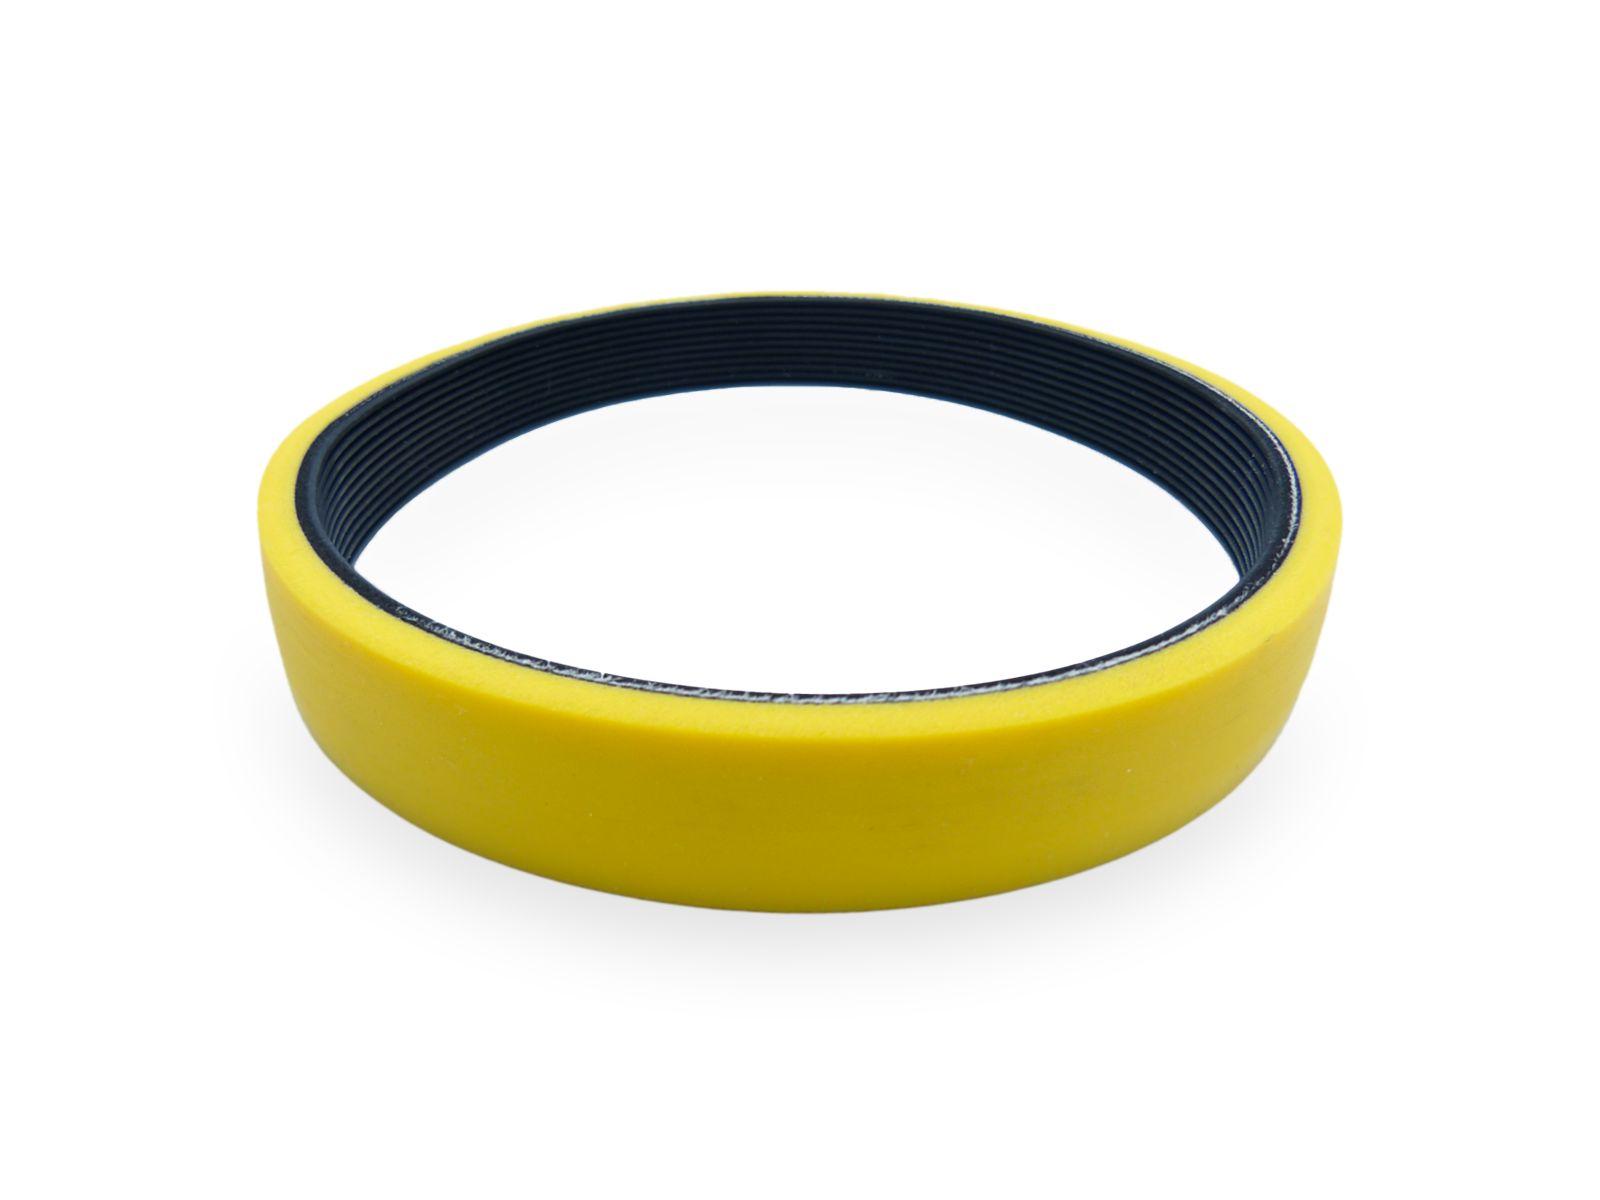 E' possibile applicare la gomma siliconica anche su cinghie in neoprene POLY-V